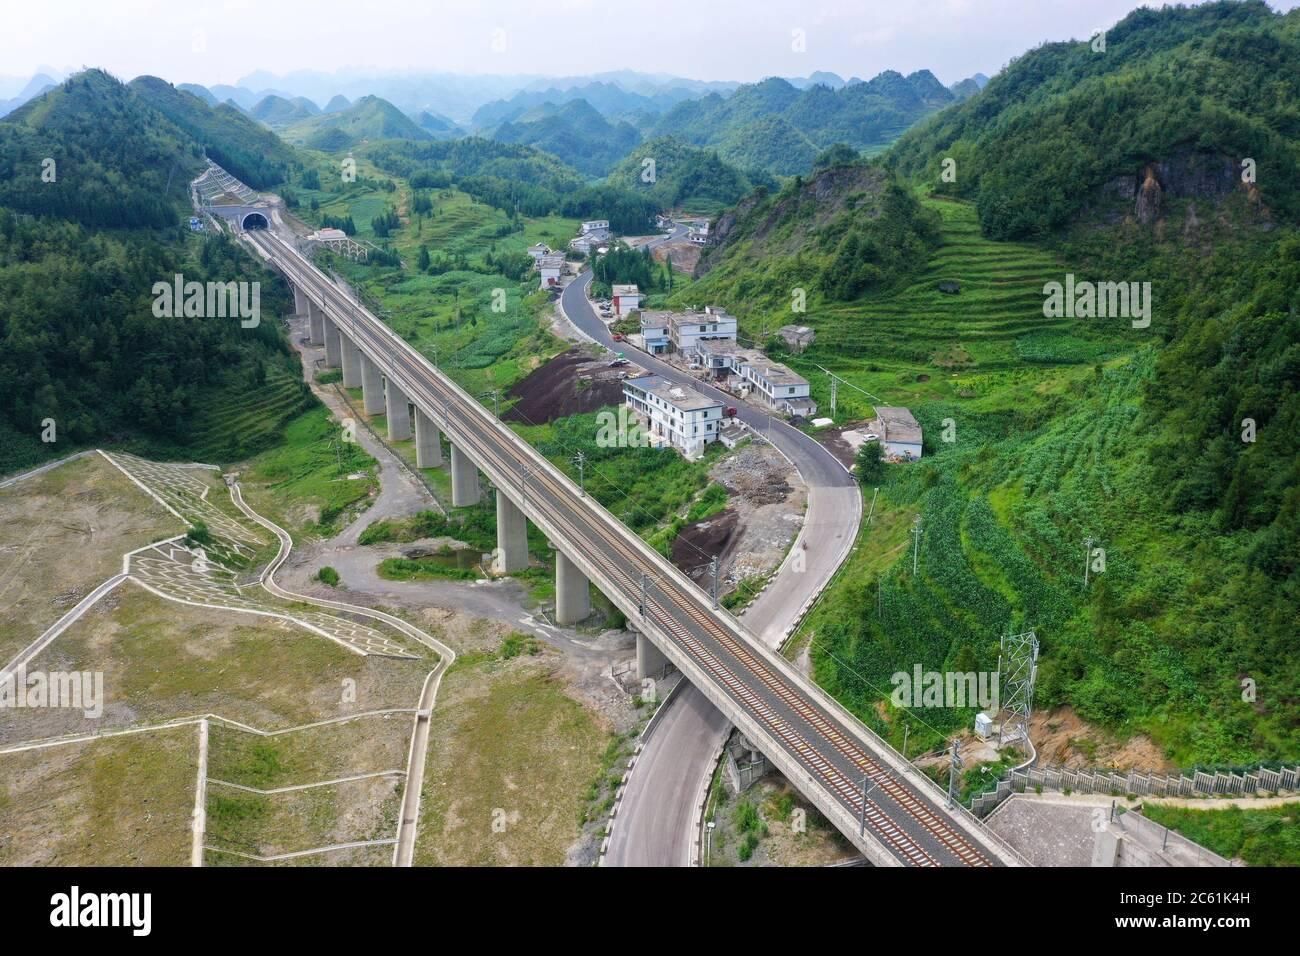 Liupanshui. 6 de julio de 2020. Foto aérea tomada el 6 de julio de 2020 muestra el ferrocarril Anshun-Liupanshui en la provincia de Guizhou, al suroeste de China. El ferrocarril interurbano Anshun-Liupanshui, con una velocidad de 250 km por hora, está en preparación para su apertura. El ferrocarril acortará el tiempo de viaje entre Guiyang y Liupanshui de las actuales 3.5 horas a aproximadamente 1 hora, y la ciudad de Liupanshui estará completamente conectada con la red nacional de trenes de alta velocidad. Crédito: Liu Xu/Xinhua/Alamy Live News Foto de stock